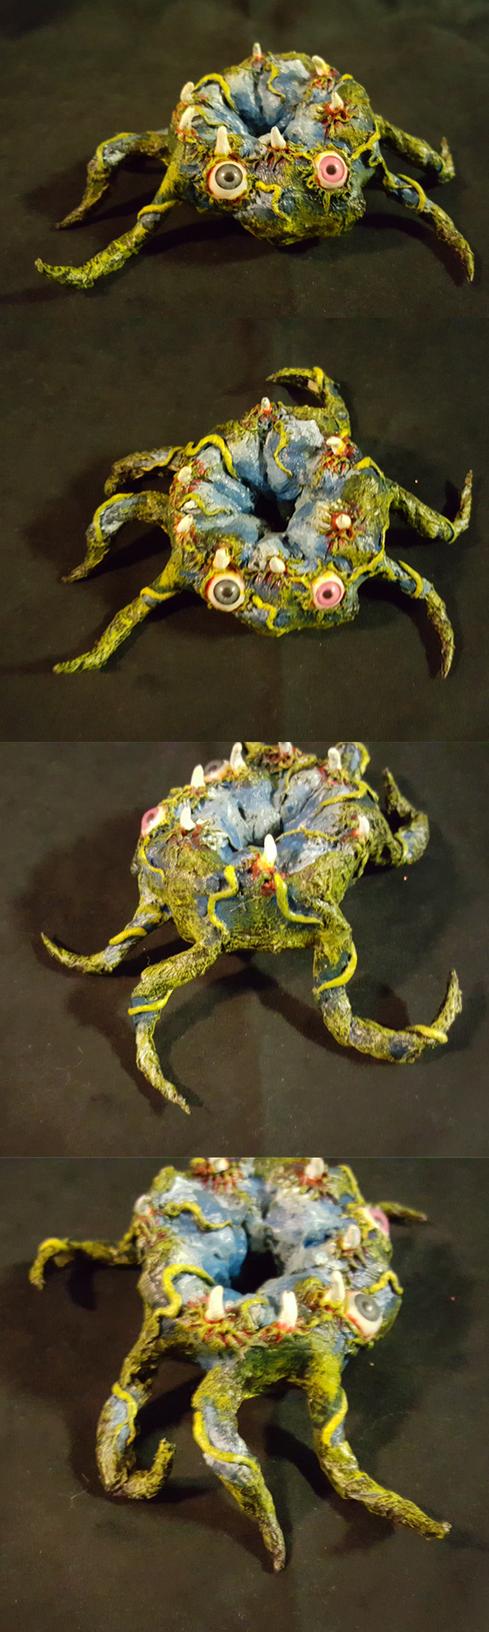 Kelptlophod, 2nd specimen by hawanja